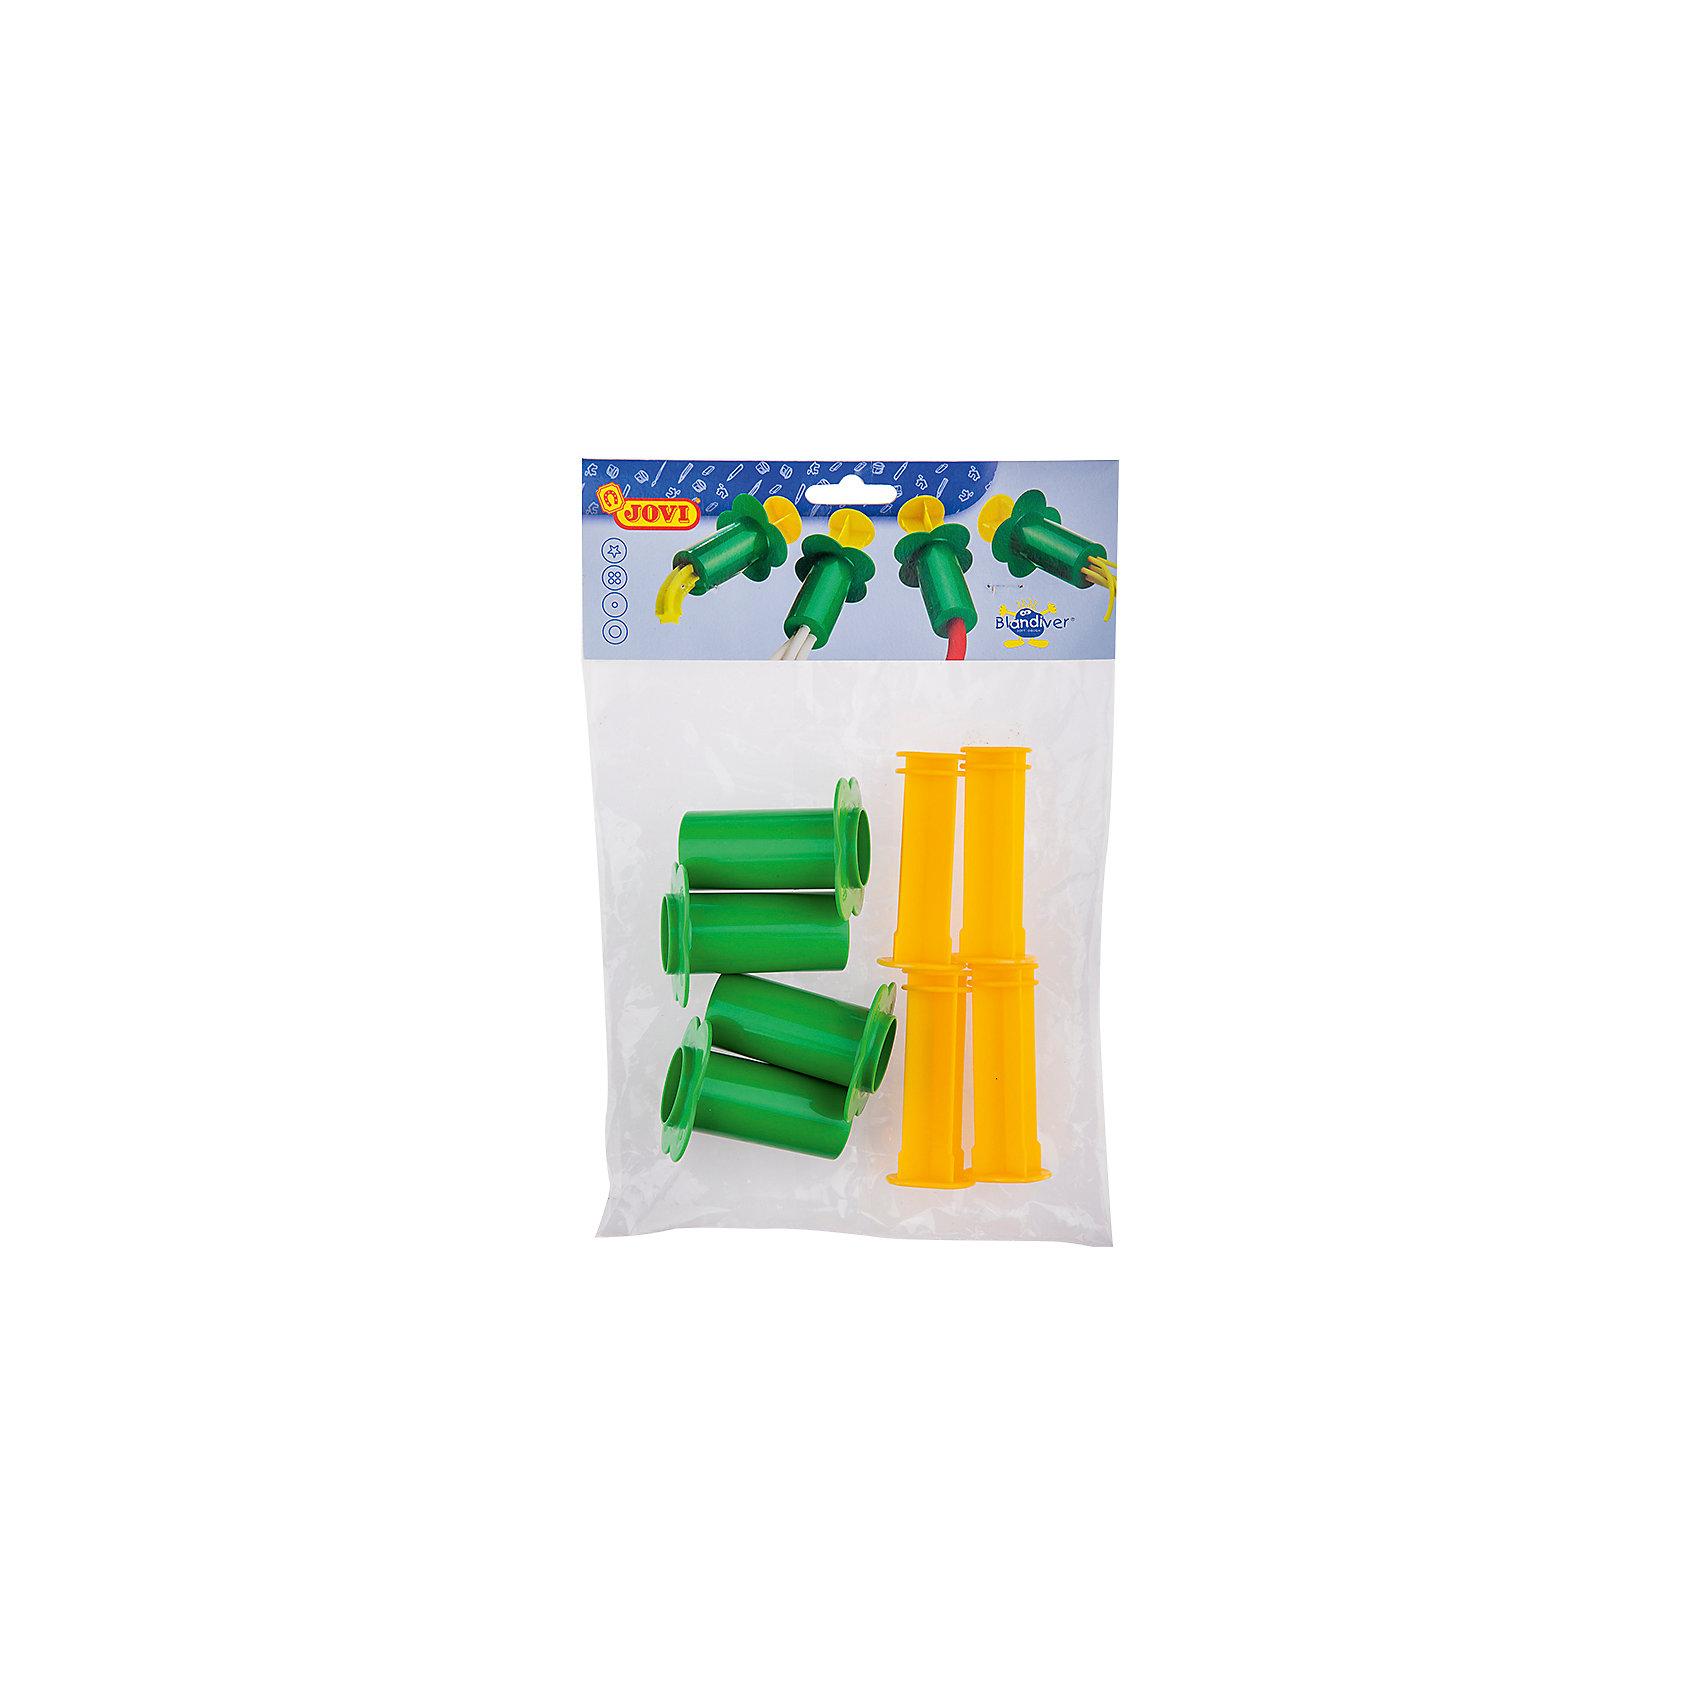 Шприцы для моделирования 4 шт JOVIАксессуары для творчества<br>Тип: инструменты для лепки<br>Материал: полипропилен<br>Количество предметов: 4<br>Упаковка ед. товара: пакет с европодвесом<br>Набор из четырех шприцов-экструдеров для лепки из мягкой пасты. Принцип действия как у обычного кондитерского шприца. С его помощью ребенок может придать куску мягкой пасты определенную форму, в зависимости от формы отверстия экструдера. Эти необычные инструменты поразят воображение малыша и превратят лепку в веселую, увлекательную игру. Пластмассовые шприцы-прессы выдавливают гладкие и фигурные колбаски, тонкие и толстые макароны из мягкой пасты для лепки. Прочная пластмасса и крупные ручки безопасны и удобны для маленьких детей. Страна производства Испания.<br><br>Ширина мм: 265<br>Глубина мм: 190<br>Высота мм: 50<br>Вес г: 92<br>Возраст от месяцев: 36<br>Возраст до месяцев: 2147483647<br>Пол: Унисекс<br>Возраст: Детский<br>SKU: 7044263